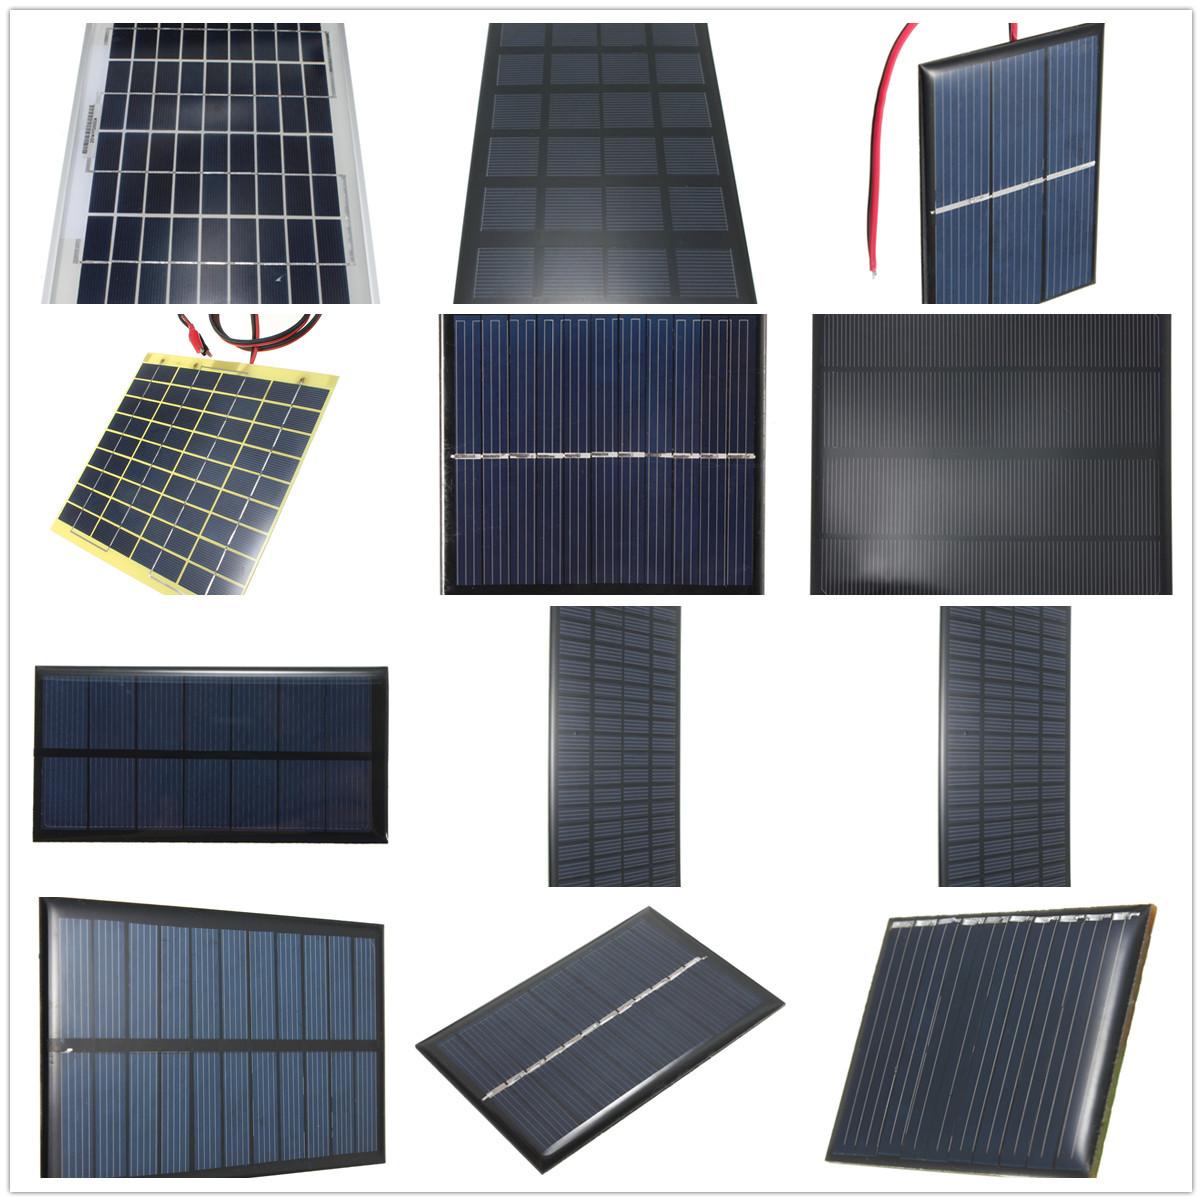 Pannello Solare Cellulare : Pannello solare fotovoltaico solar panel v w ma per